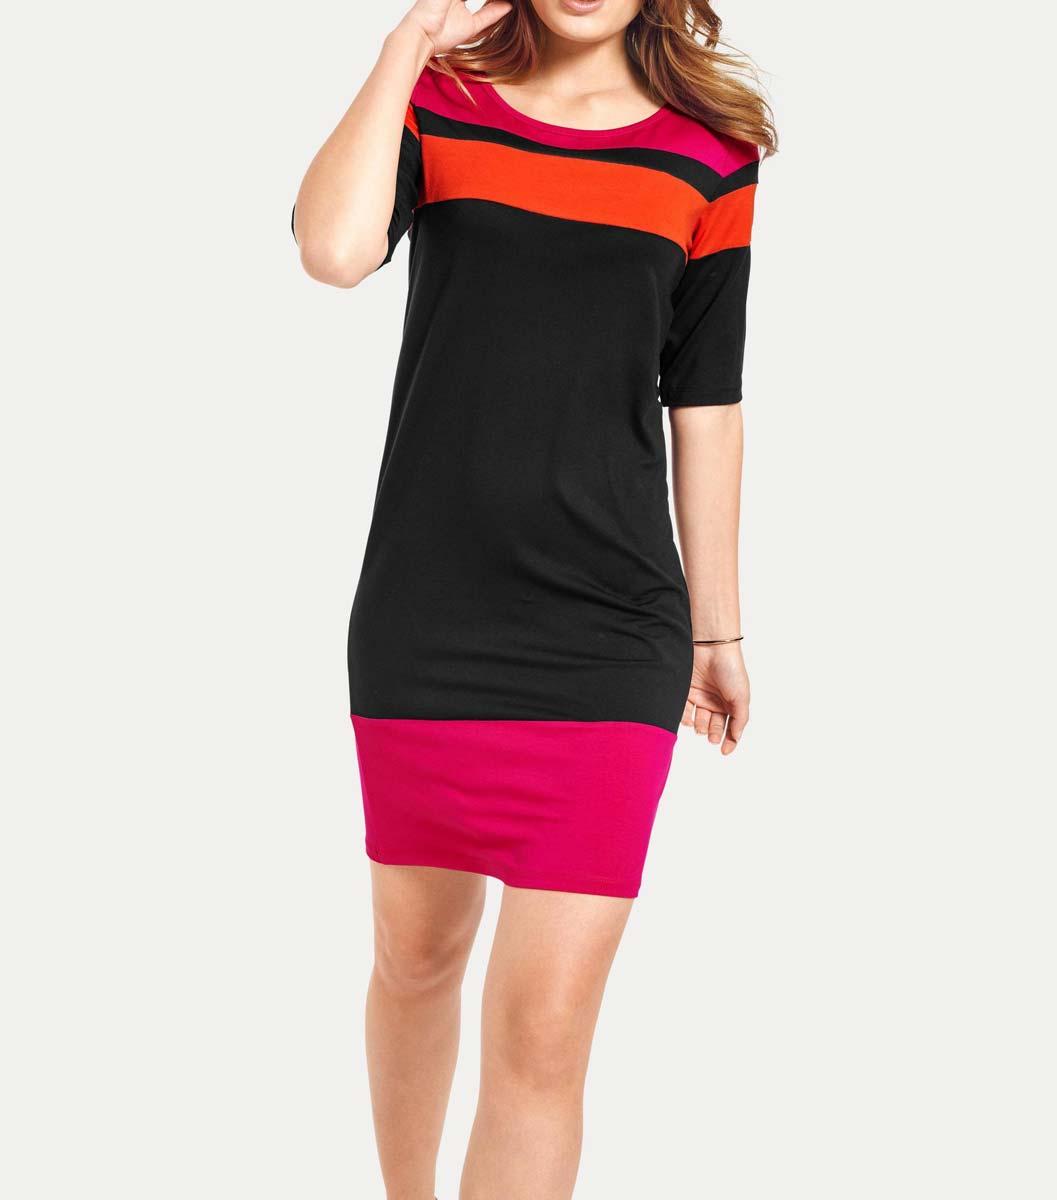 084.995 HEINE Damen Designerkleid Jerseykleid Shirtkleid Pink-Orange-schwarz Gestreift